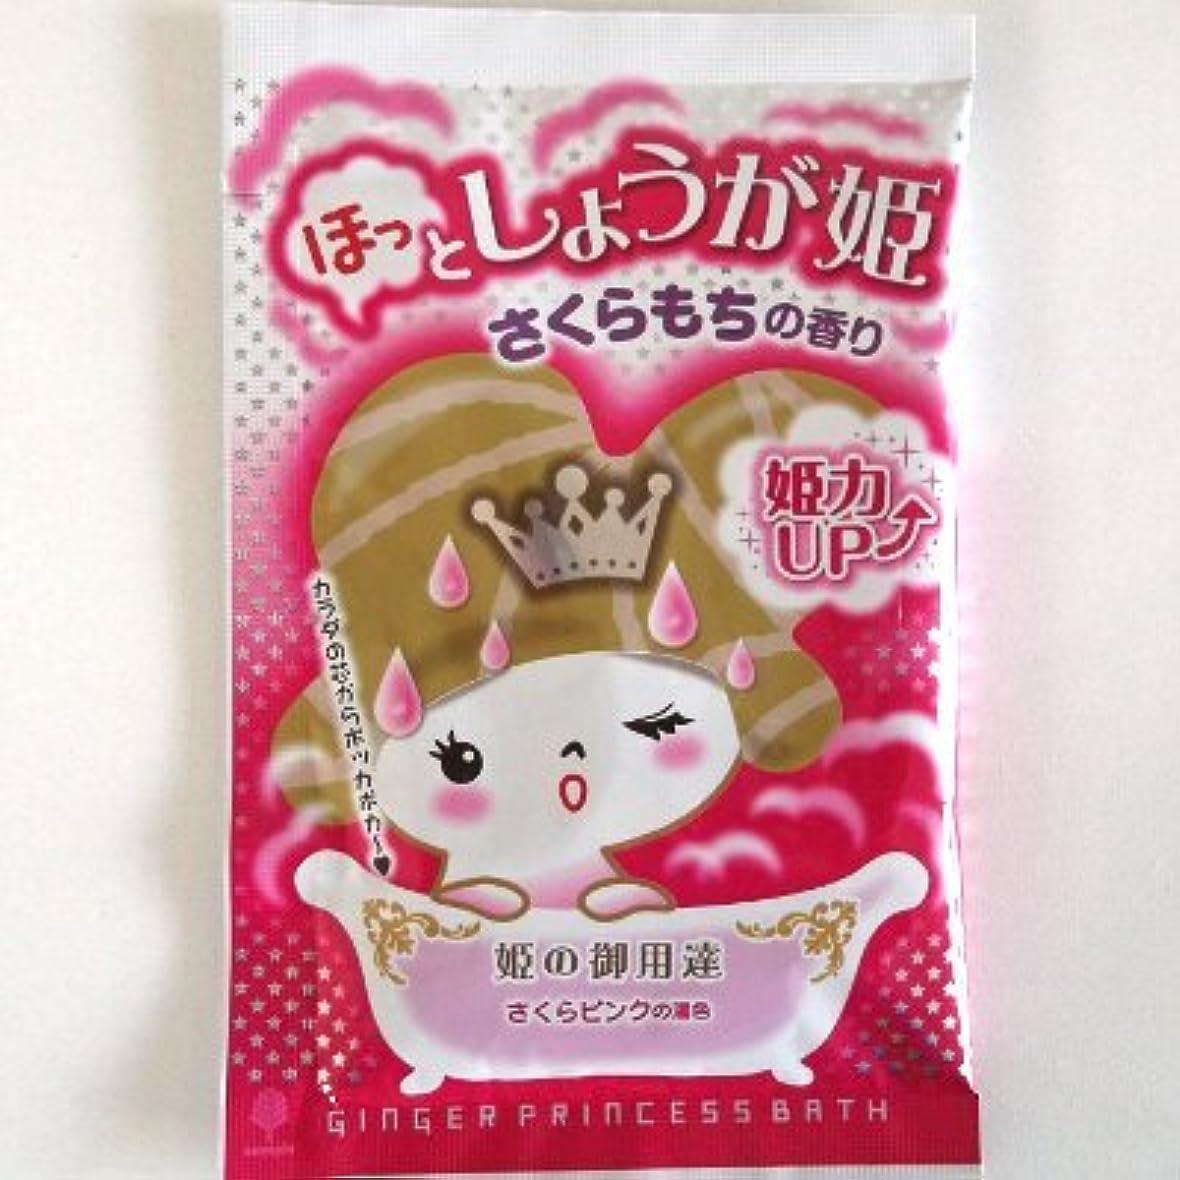 不快な化合物乳白紀陽除虫菊 ほっとしょうが姫 さくらもちの香り【まとめ買い12個セット】 N-8402